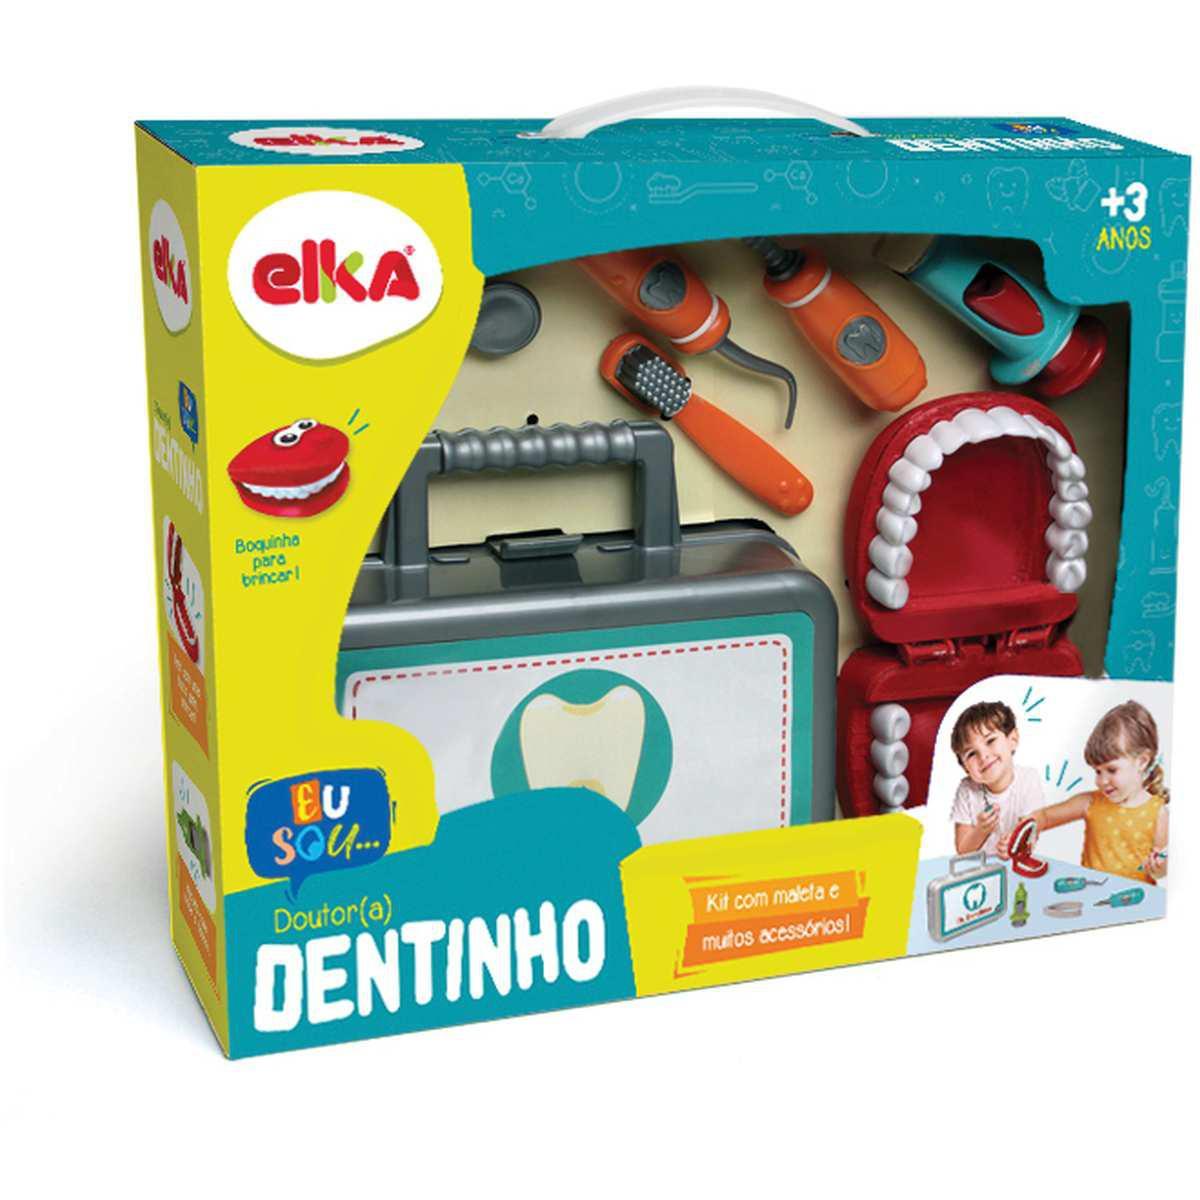 Kit com Maleta e Acessórios Doutor(a) Dentinho Brincando de Dentista Elka